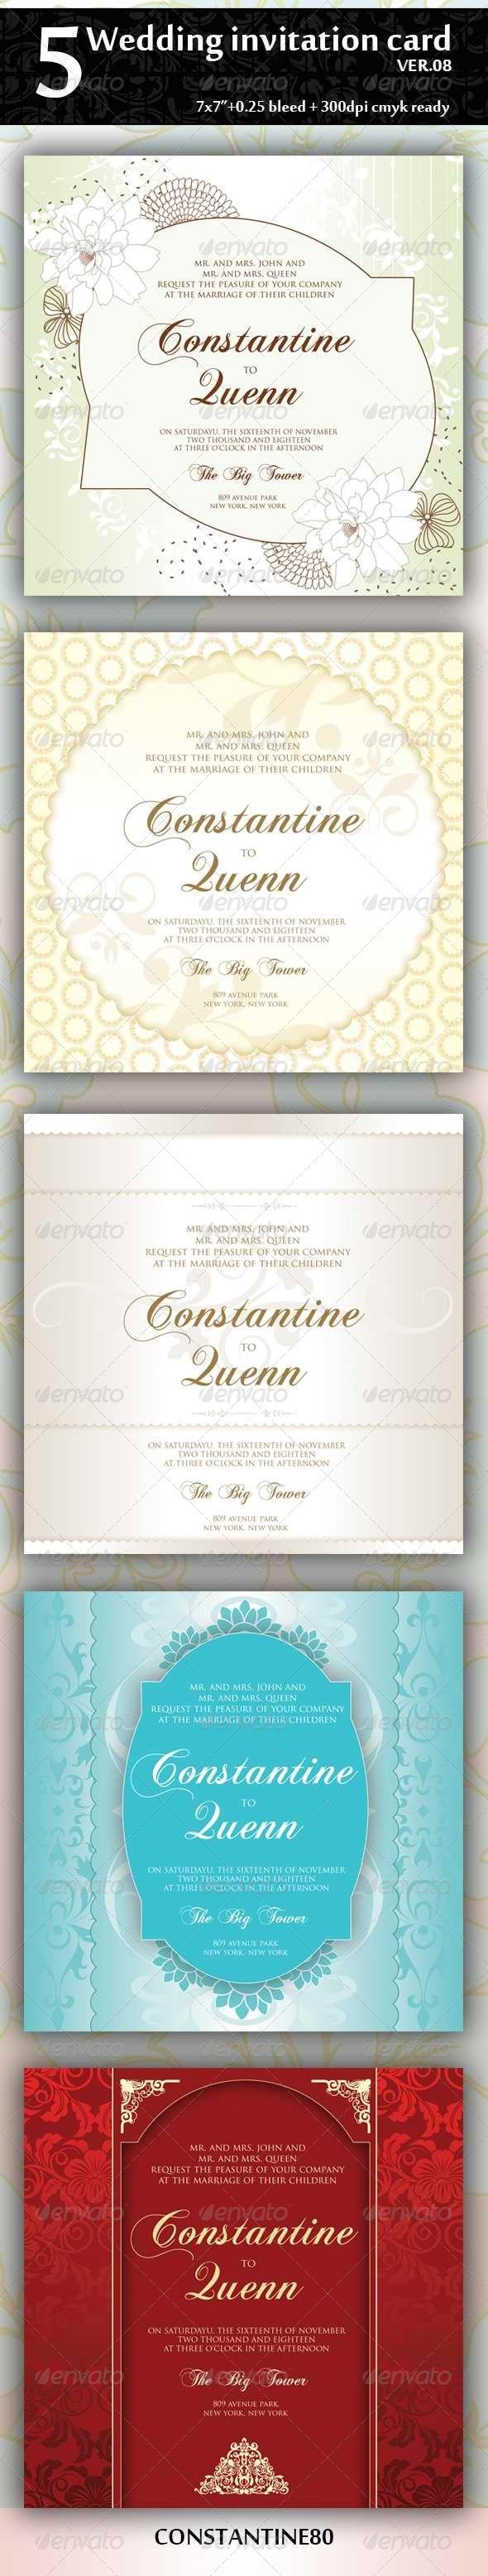 GraphicRiver 5 Wedding Invitation Card Ver08 4394165